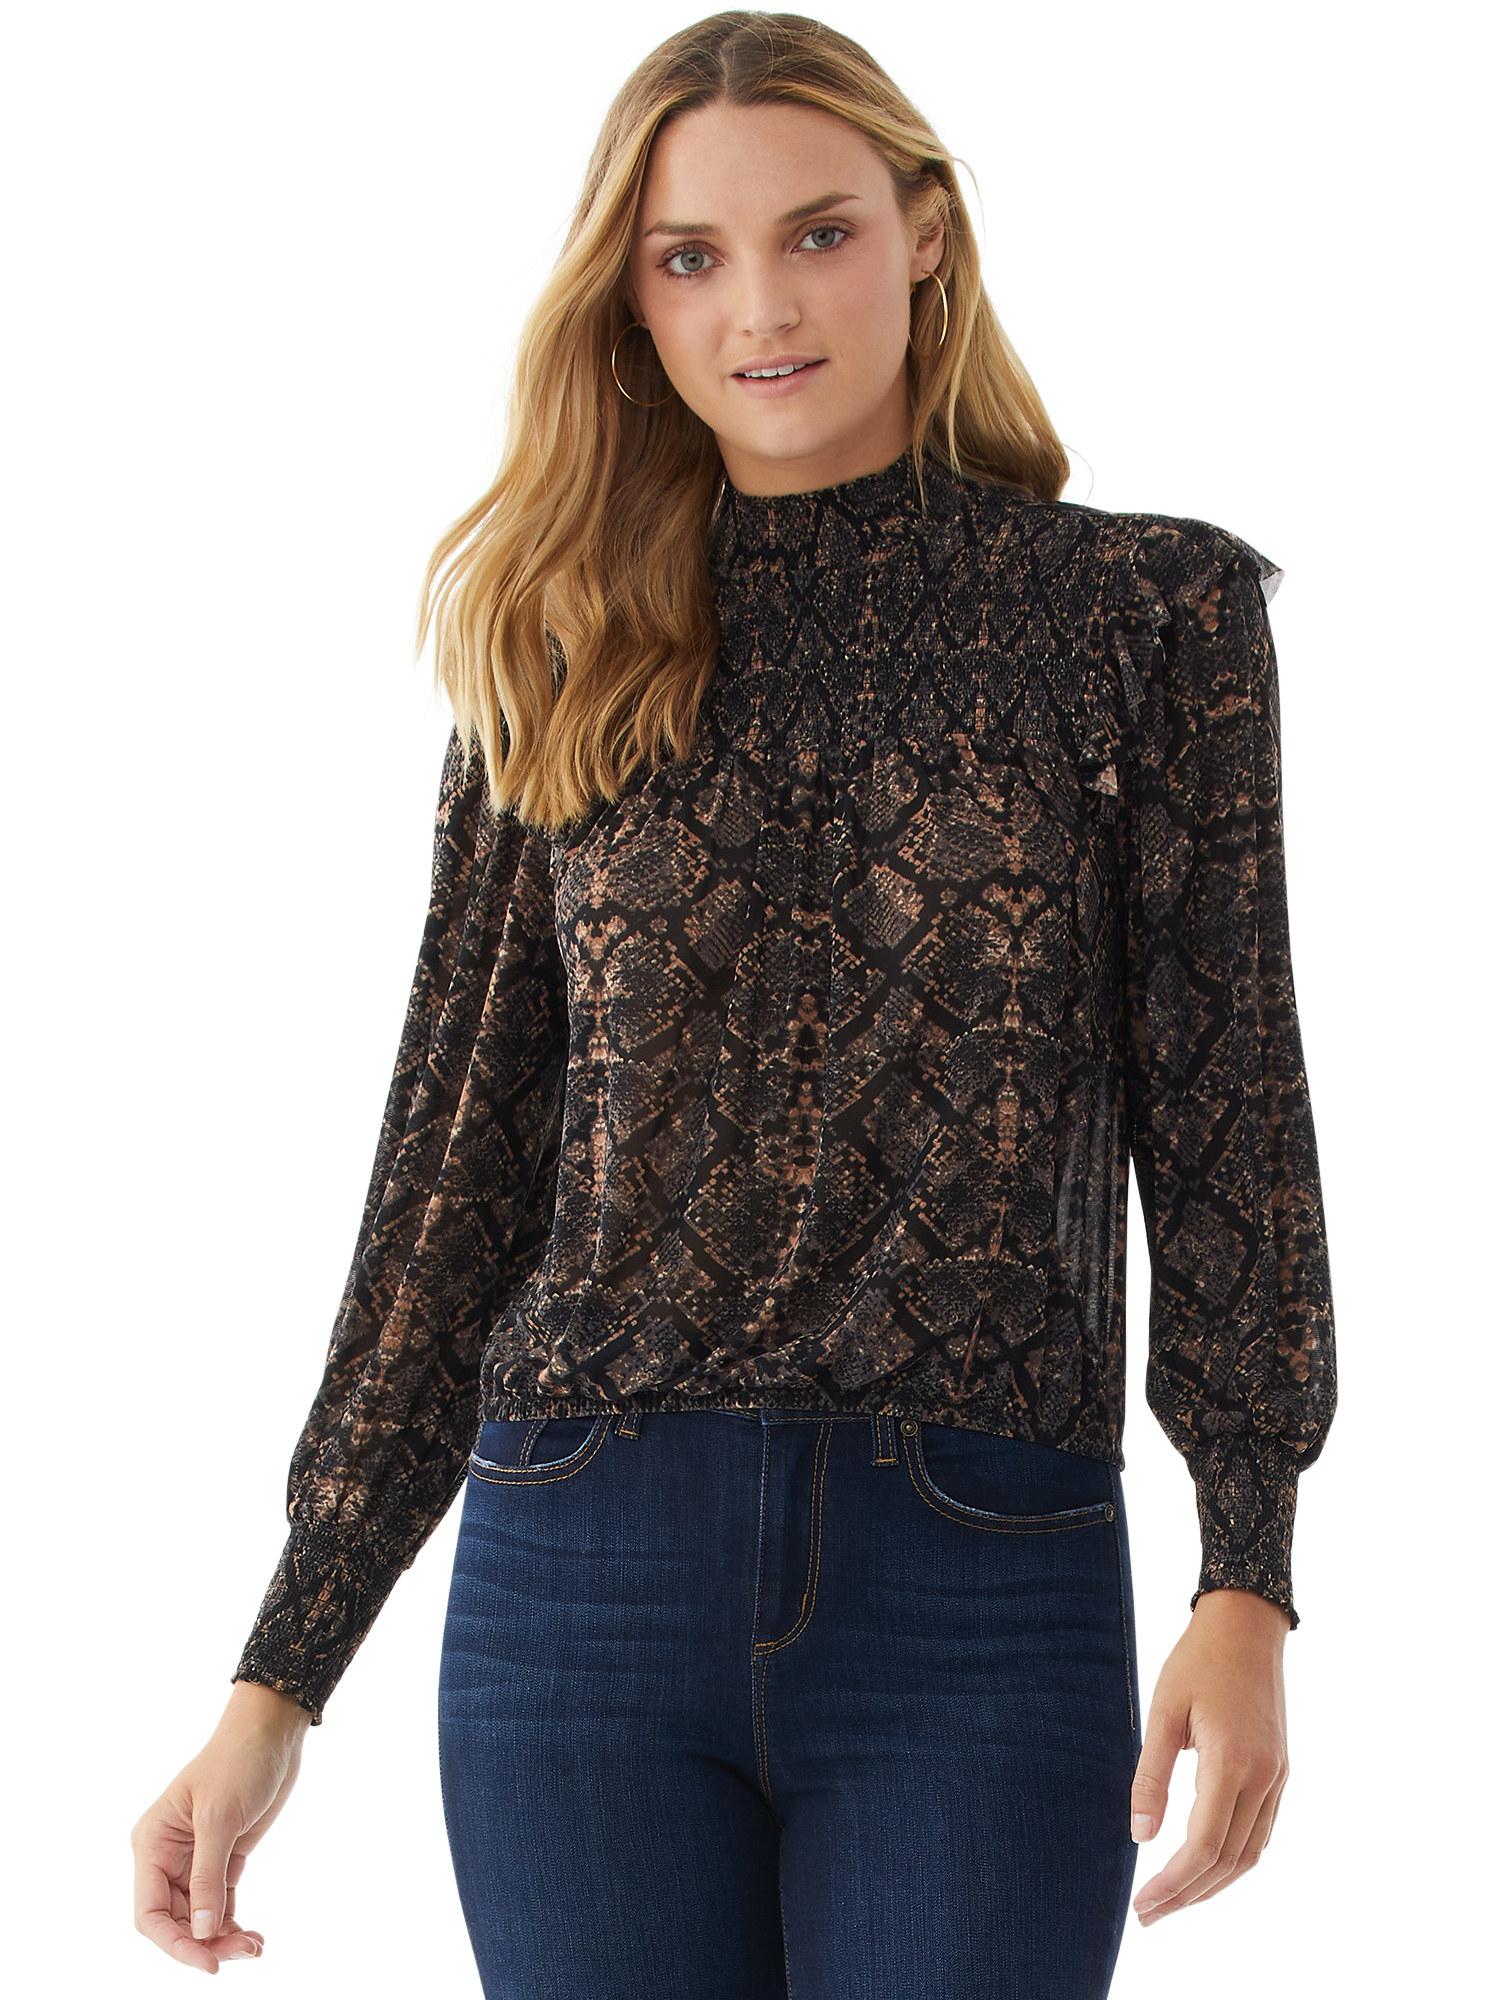 model wearing brown snakeskin print top